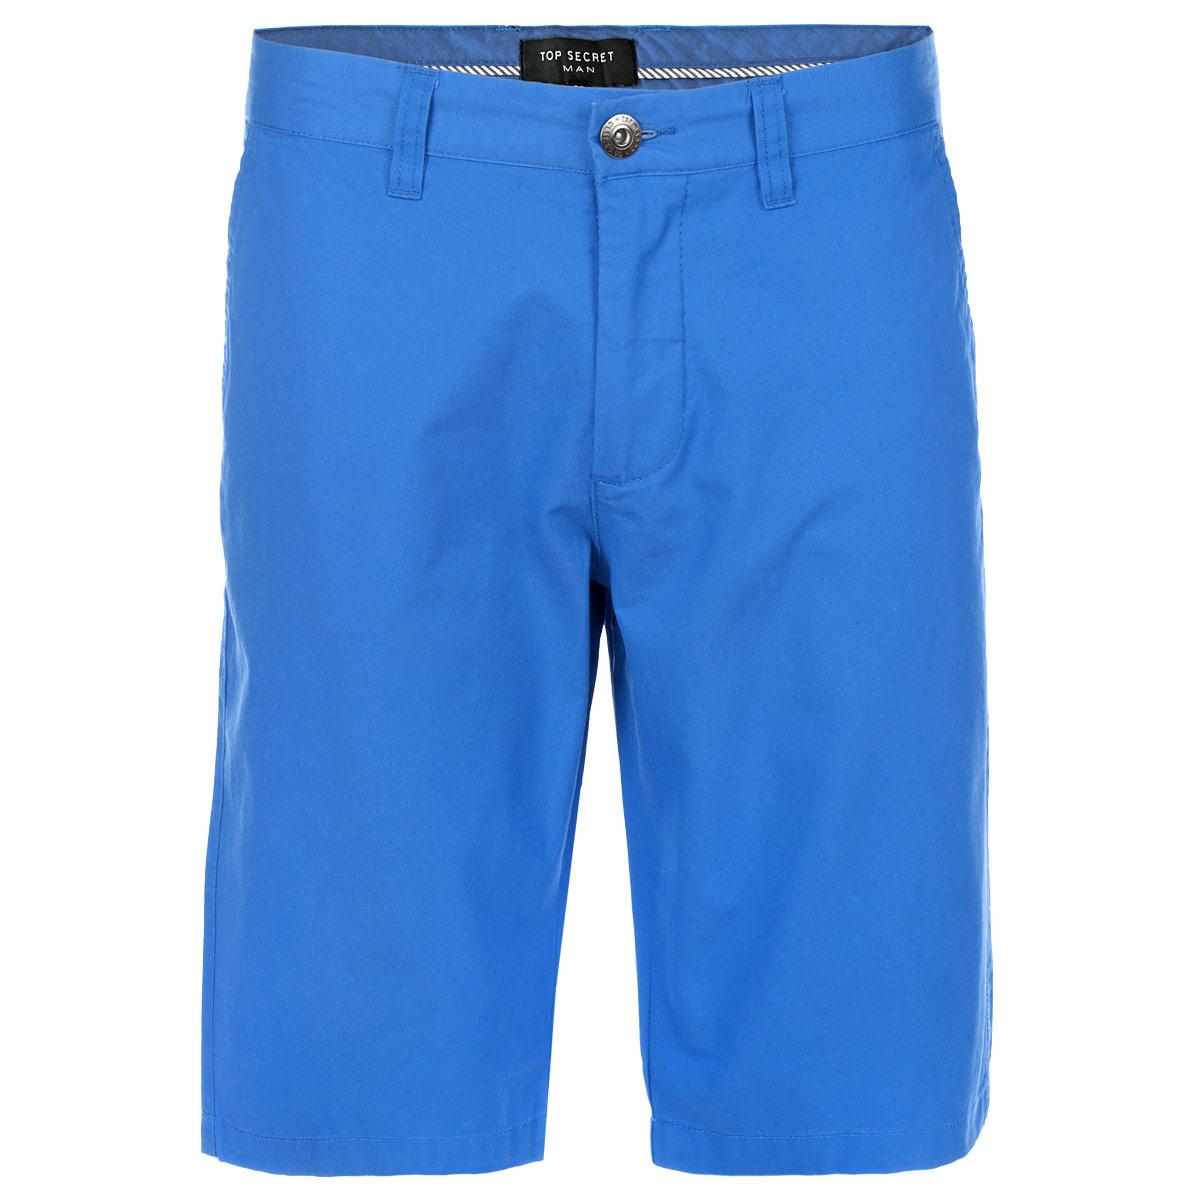 Шорты мужские Top Secret, цвет: голубой. SSZ0690NI34. Размер 34 (50)SSZ0690NIСтильные шорты-бермуды Top Secret, выполненные из высококачественного хлопка, подойдут любому мужчине, который ценит комфорт и оригинальность. Эта модель станет отличным дополнением к вашему современному образу. Шорты с ширинкой на молнии дополнительно застегиваются на пуговицу. Модель дополнена двумя прорезными карманами спереди и двумя прорезными карманами на пуговицах сзади. На поясе имеются шлевки для ремня. Эти модные и удобные бермуды послужат отличным дополнением к вашему гардеробу. В них вы всегда будете чувствовать себя уверенно и комфортно.